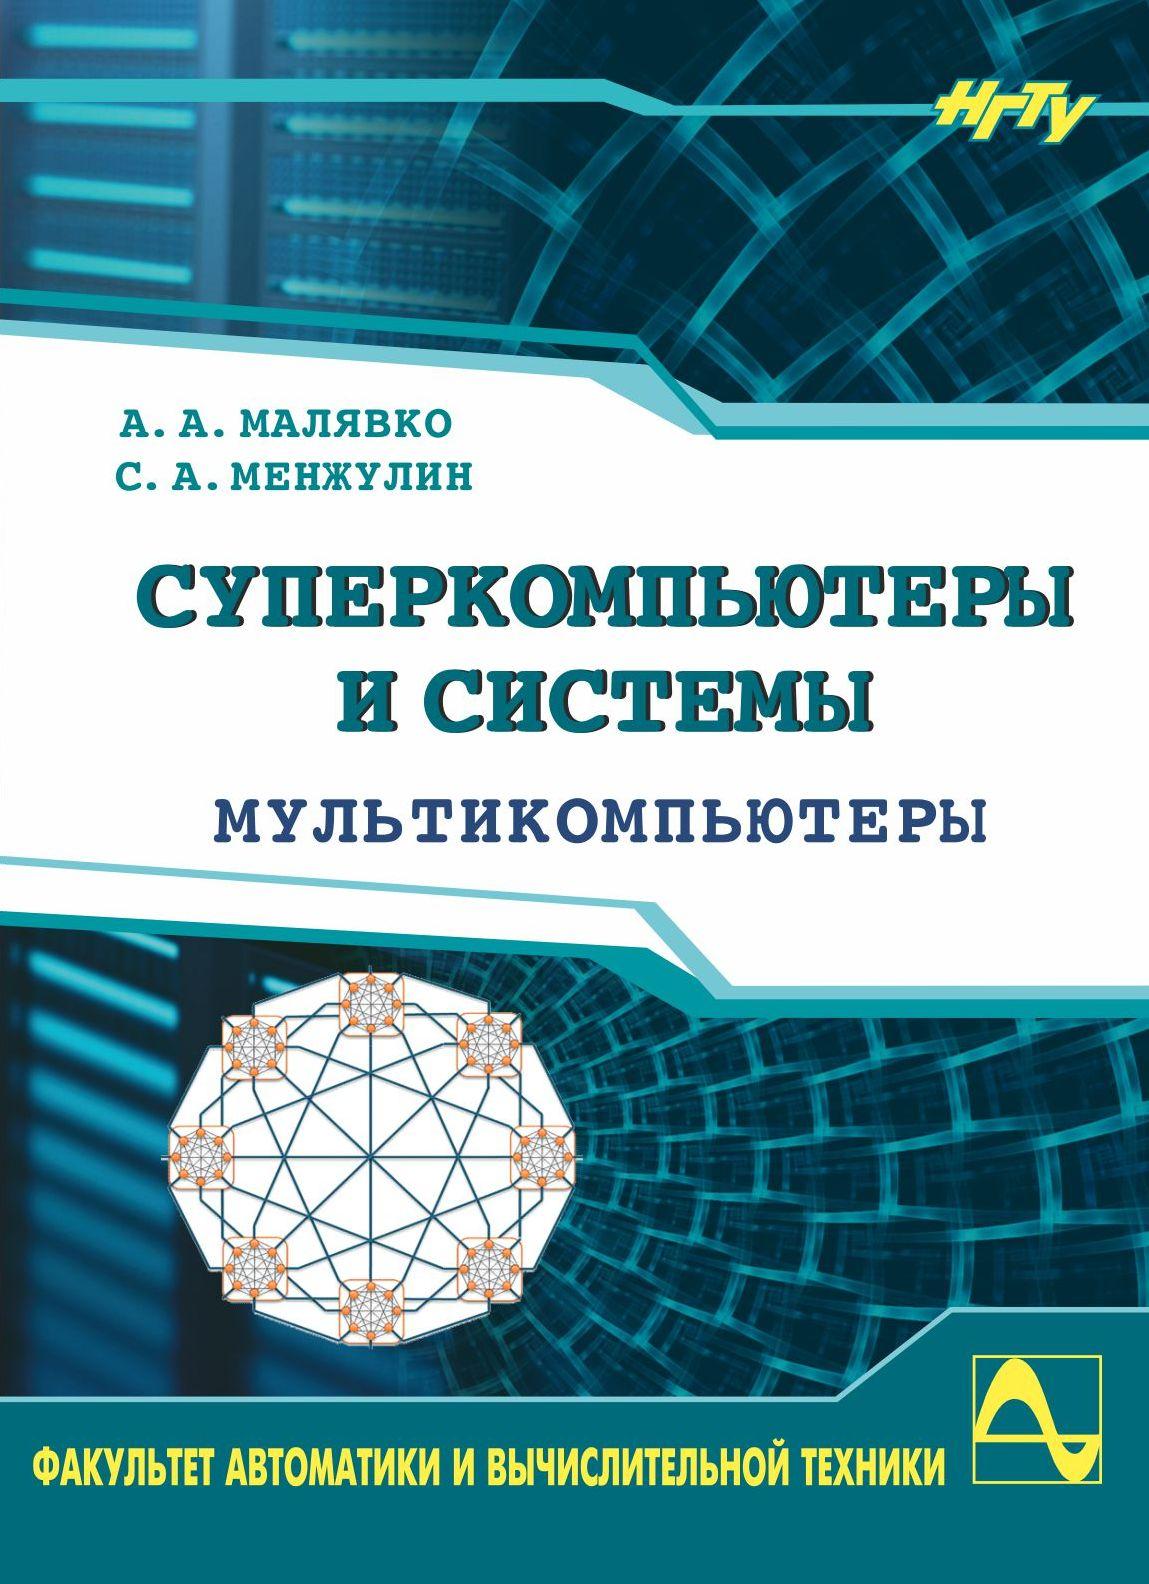 Суперкомпьютеры и системы. Мультикомпьютеры